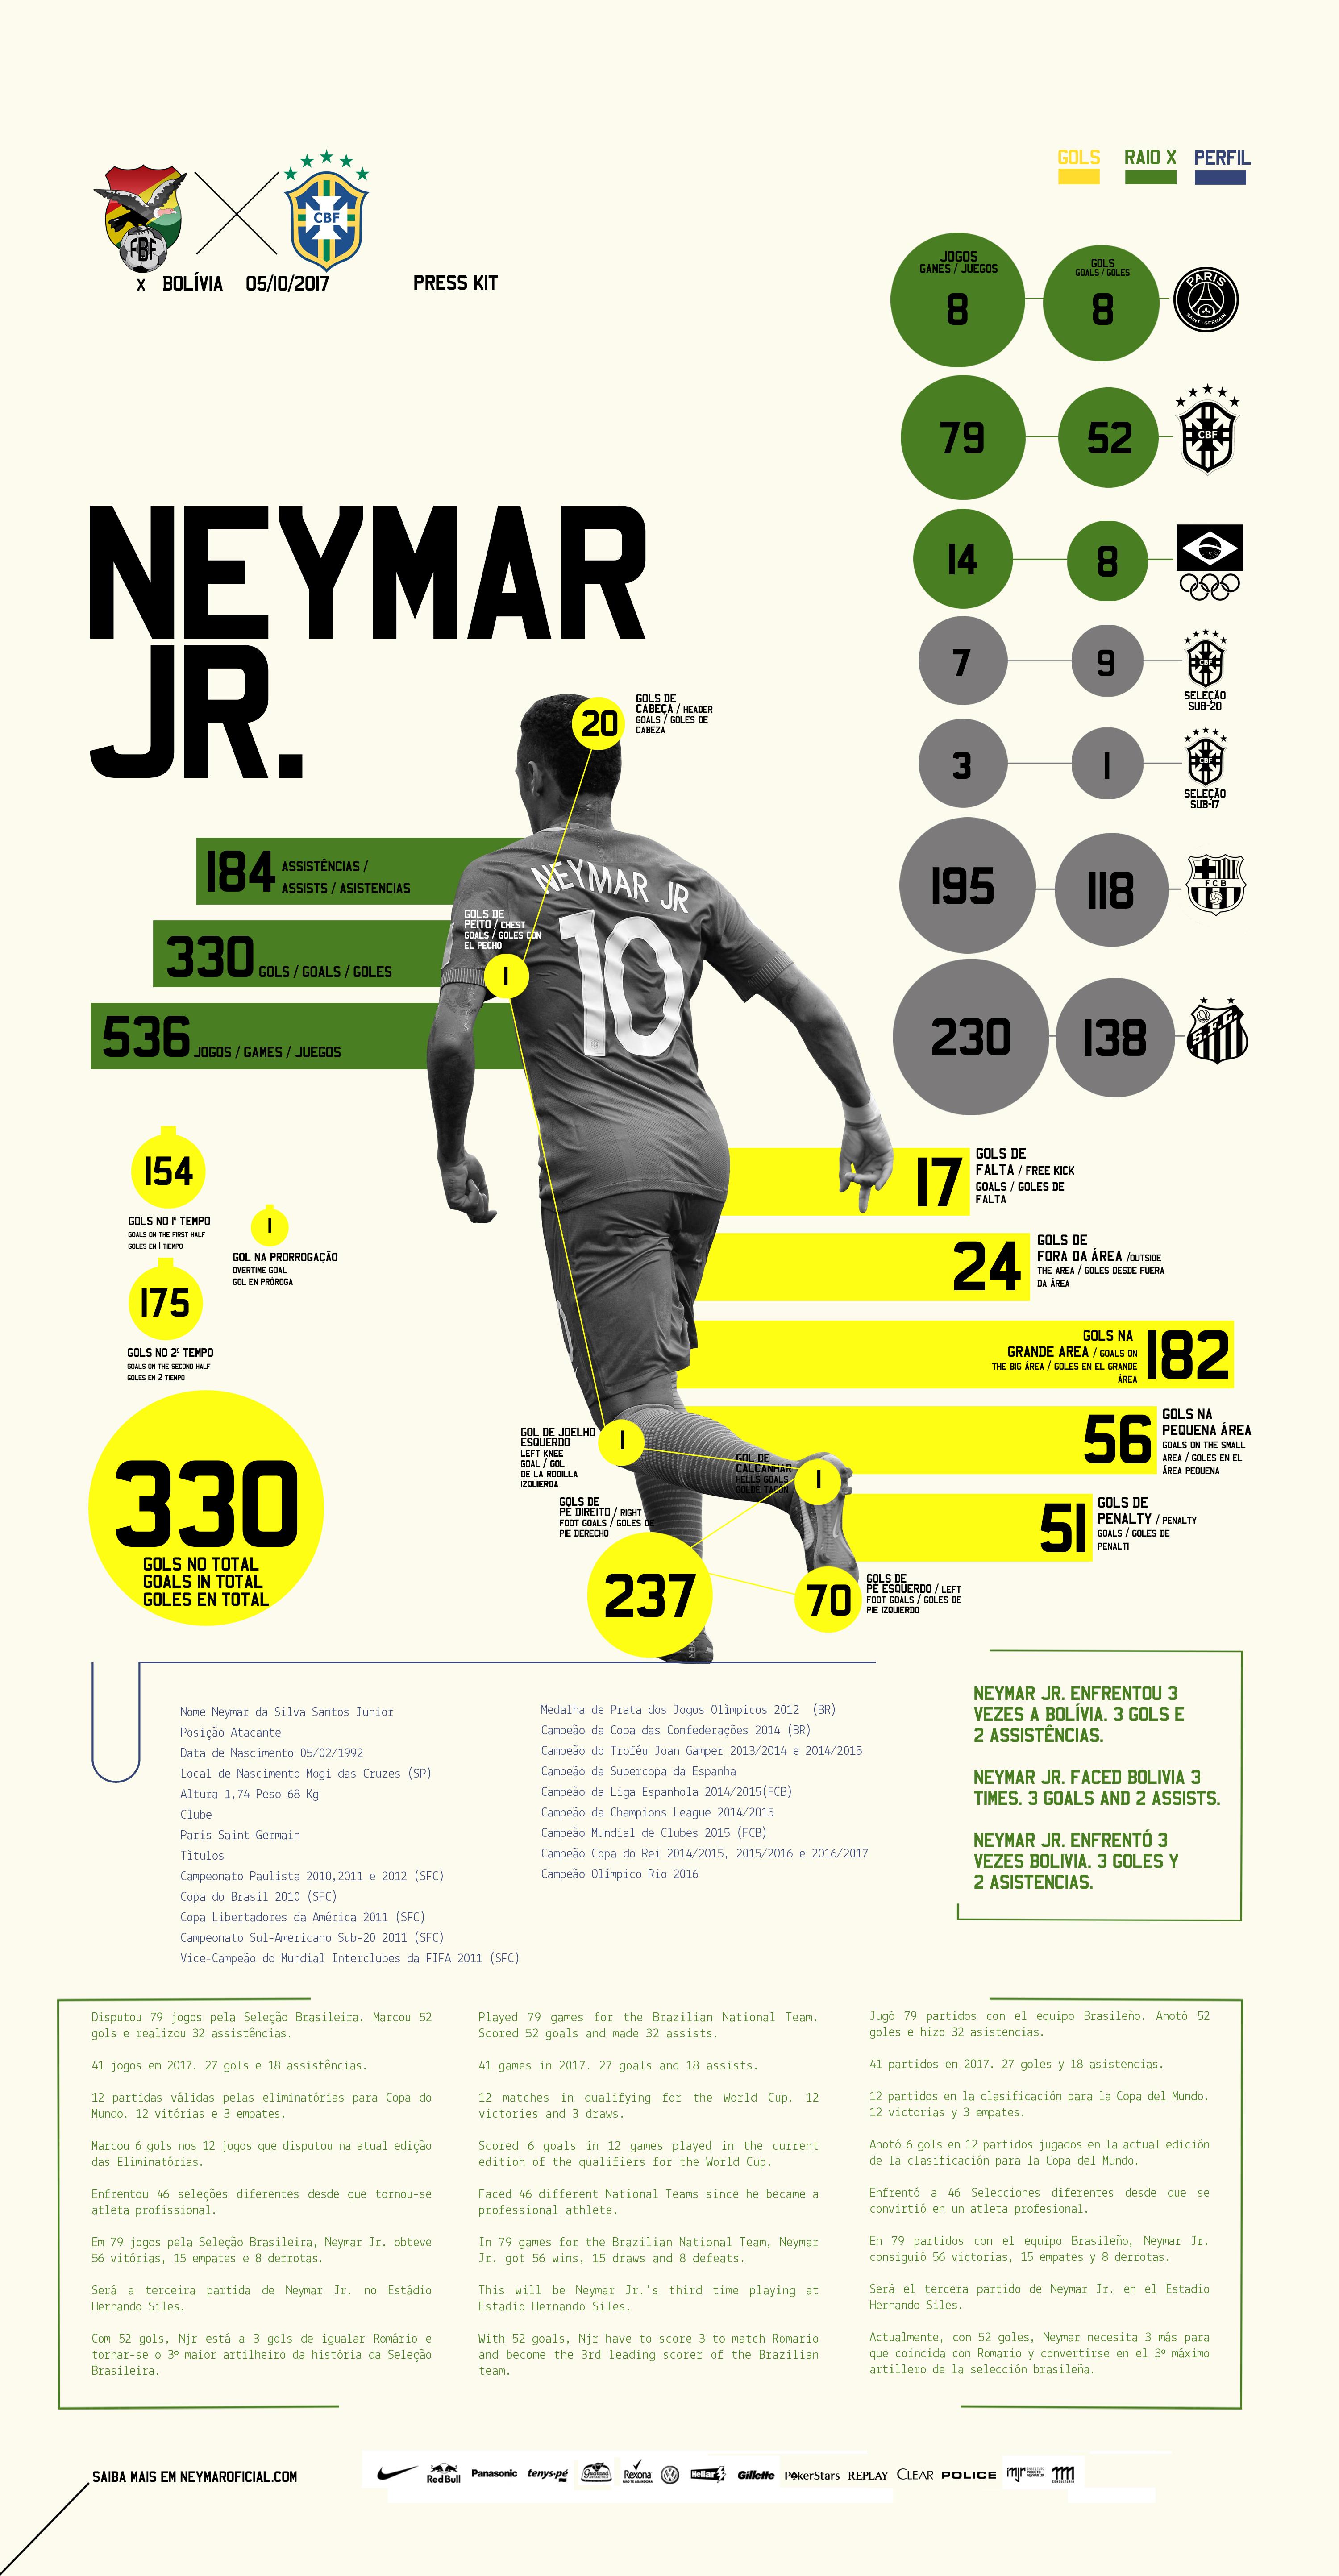 8a7d56340 Neymar Jr.